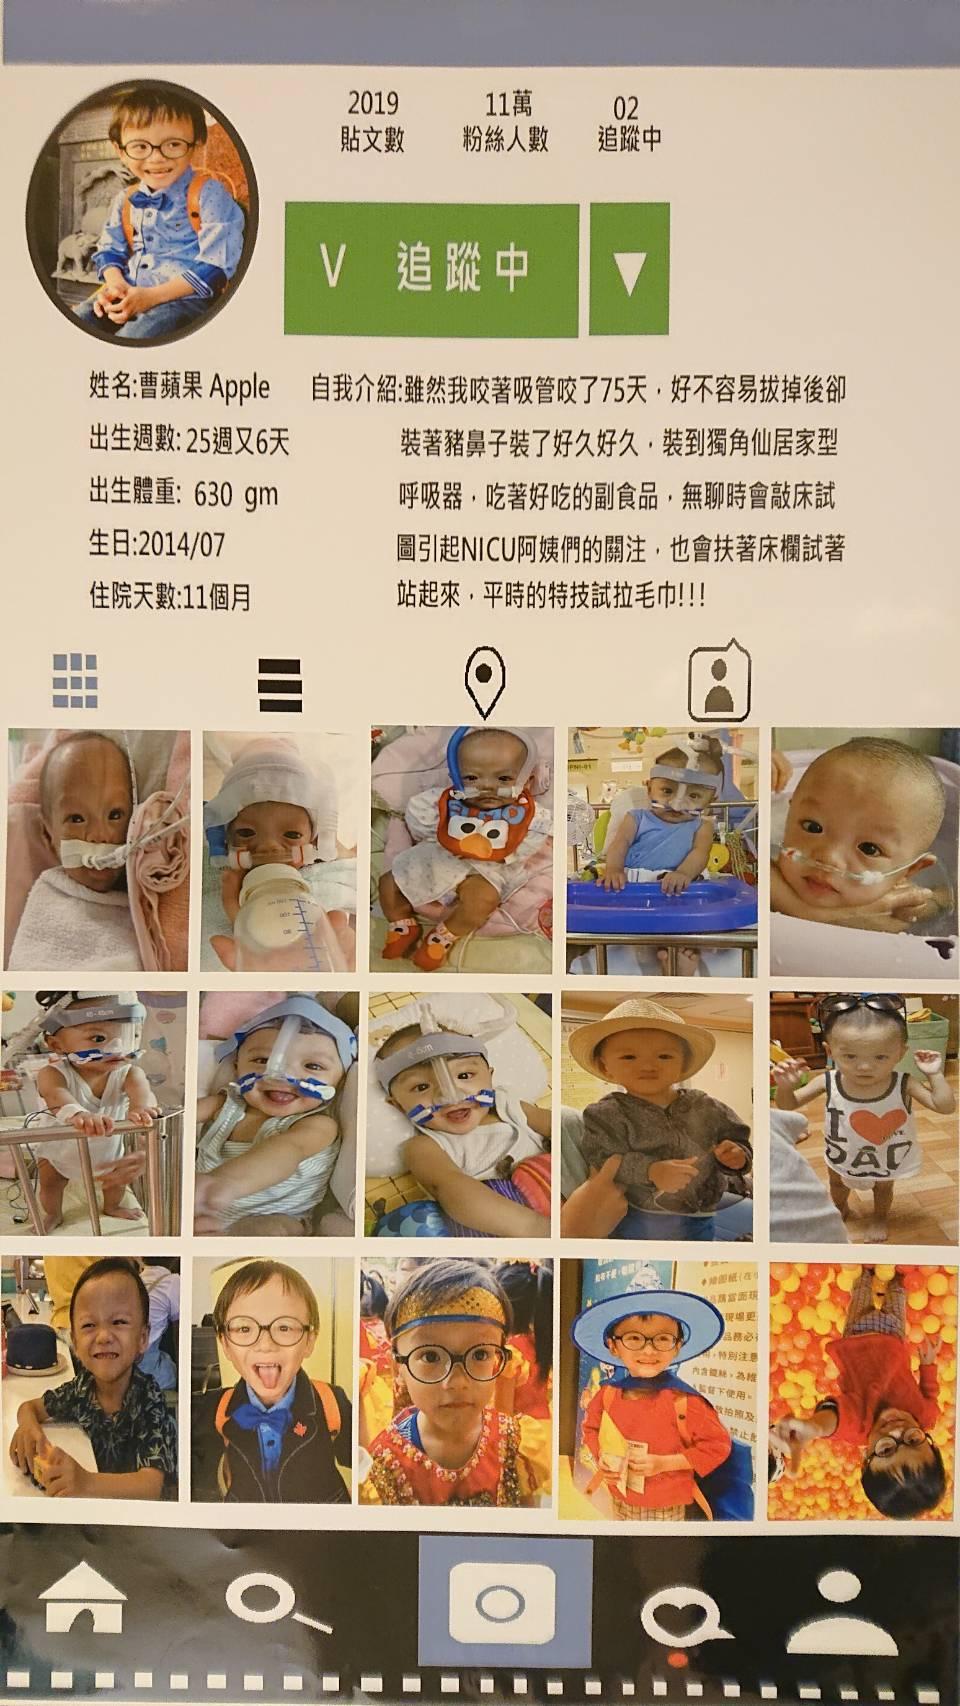 台大醫院新生兒科今天舉辦第13屆早產兒回娘家活動,院方仿照IG介面,展示小蘋果的...